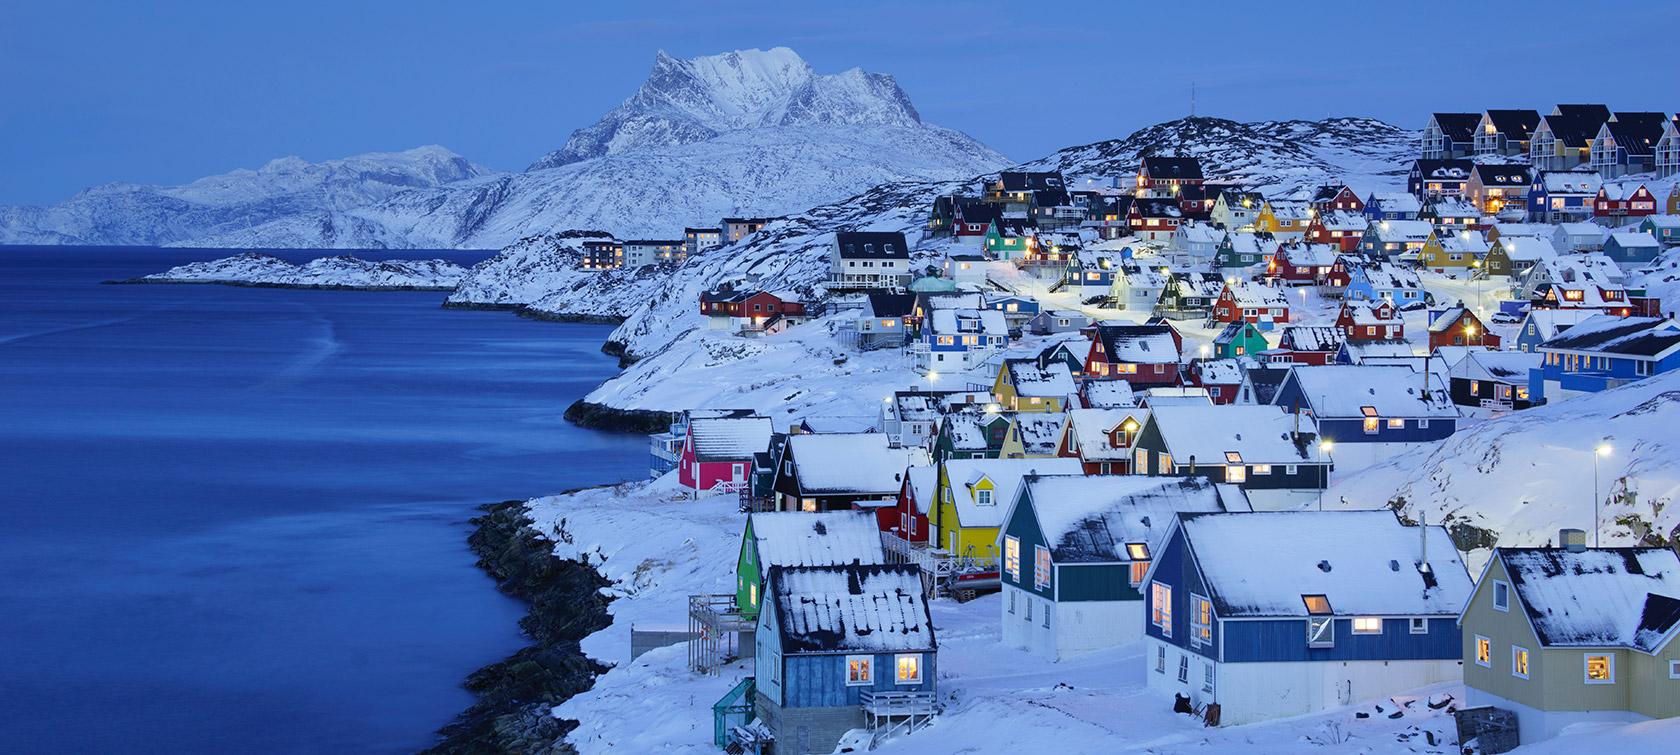 2015-Arctic-IcelandGreenland-iS